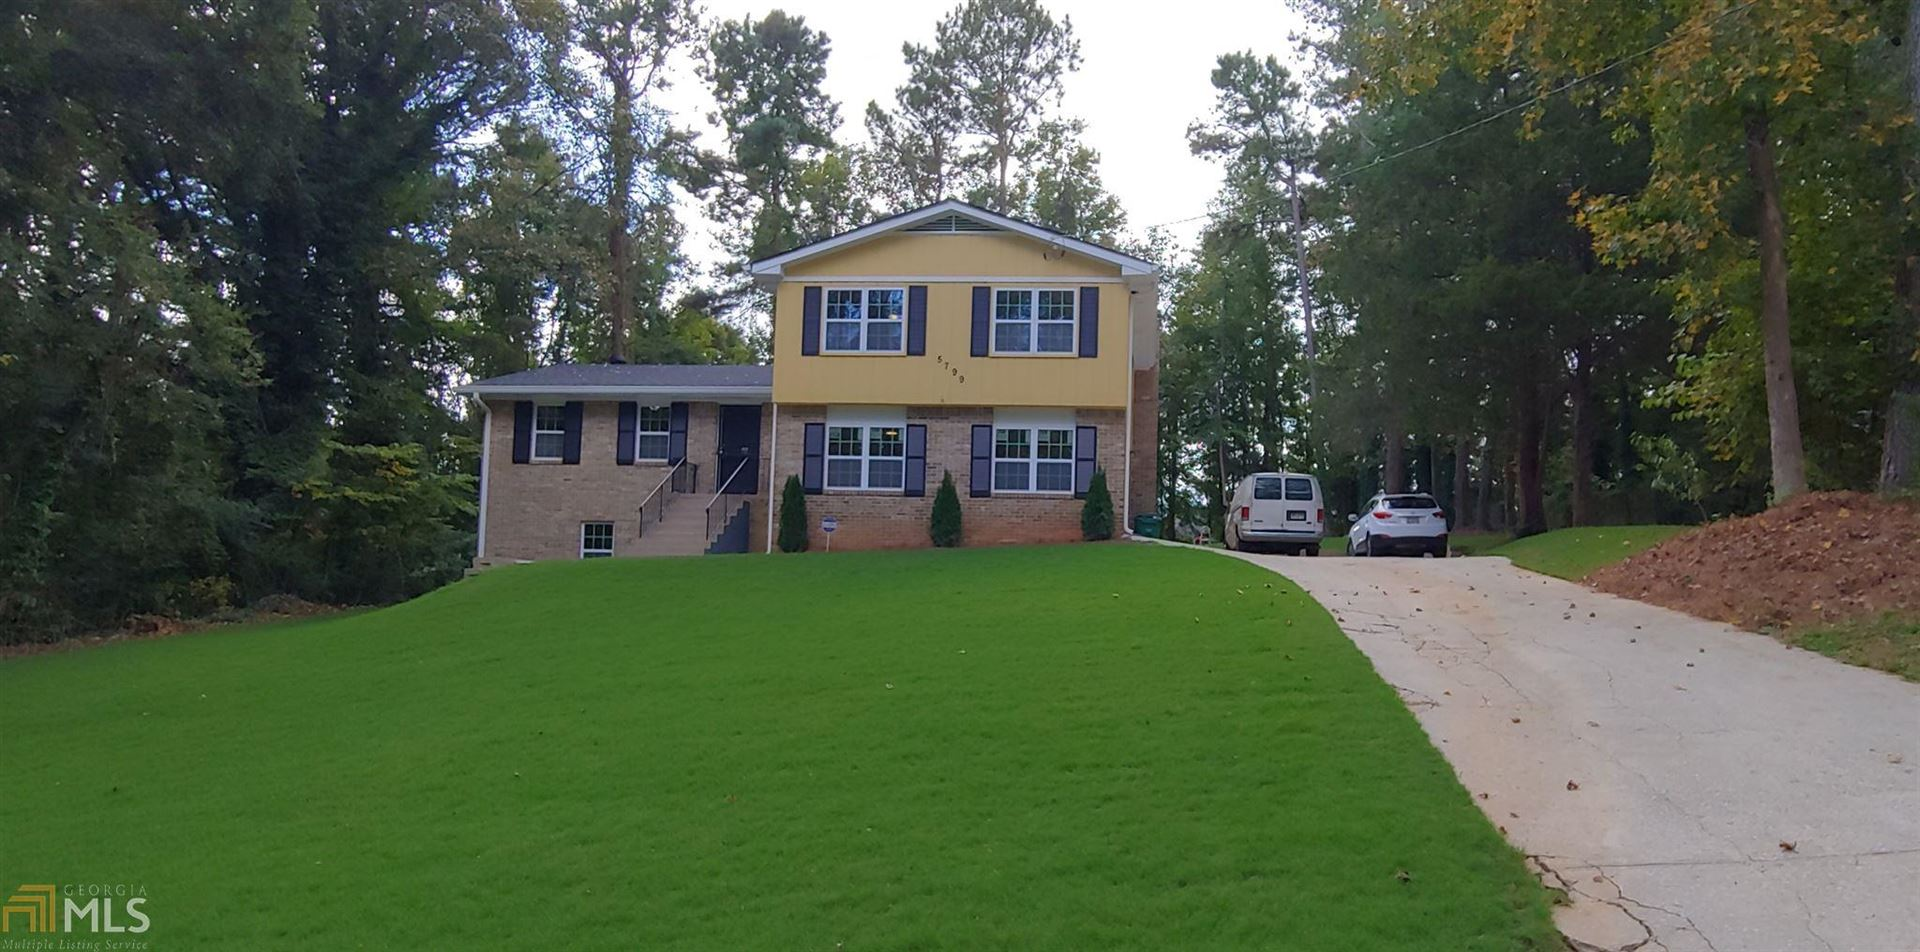 5799 Simone Dr, Stone Mountain, GA 30087 - #: 8957861